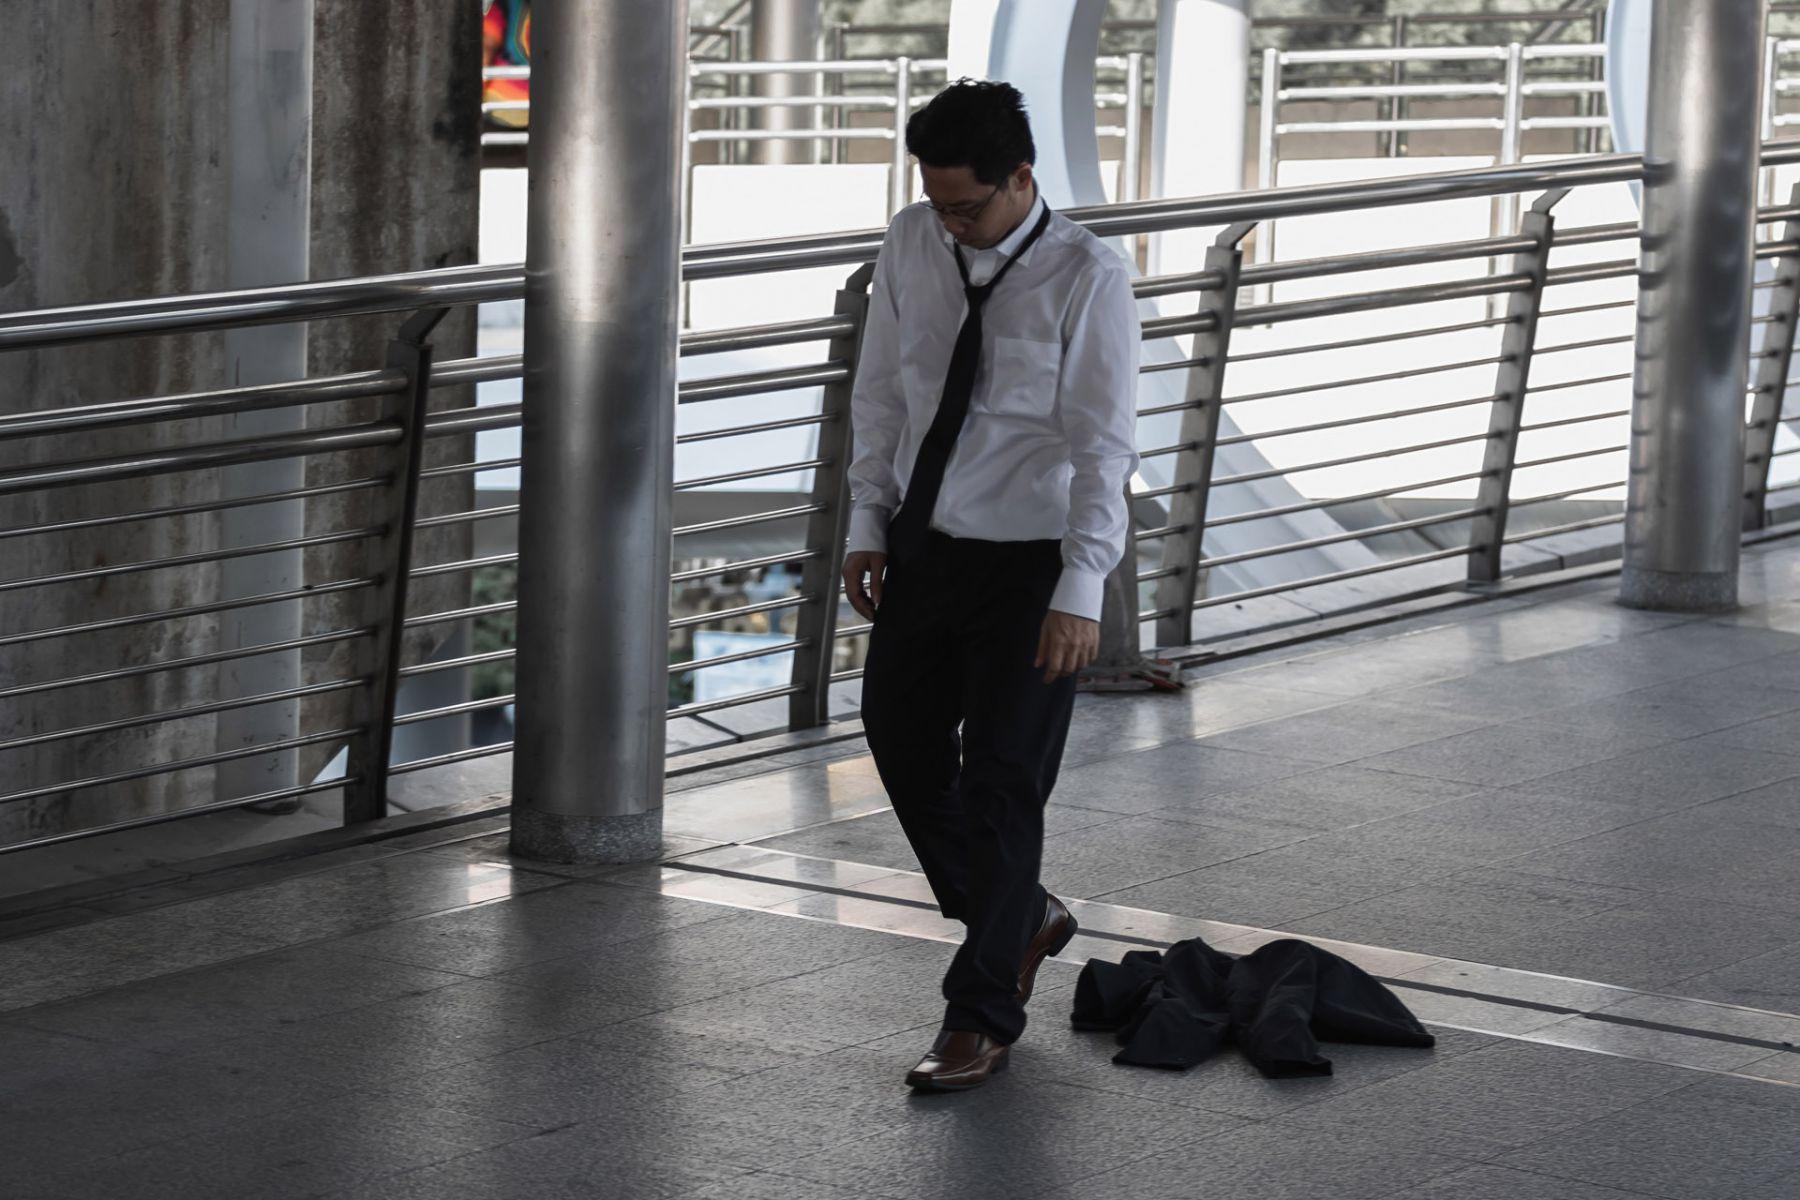 日本企業搶著用老人,為什麼在台灣「中年失業就難以翻身」?